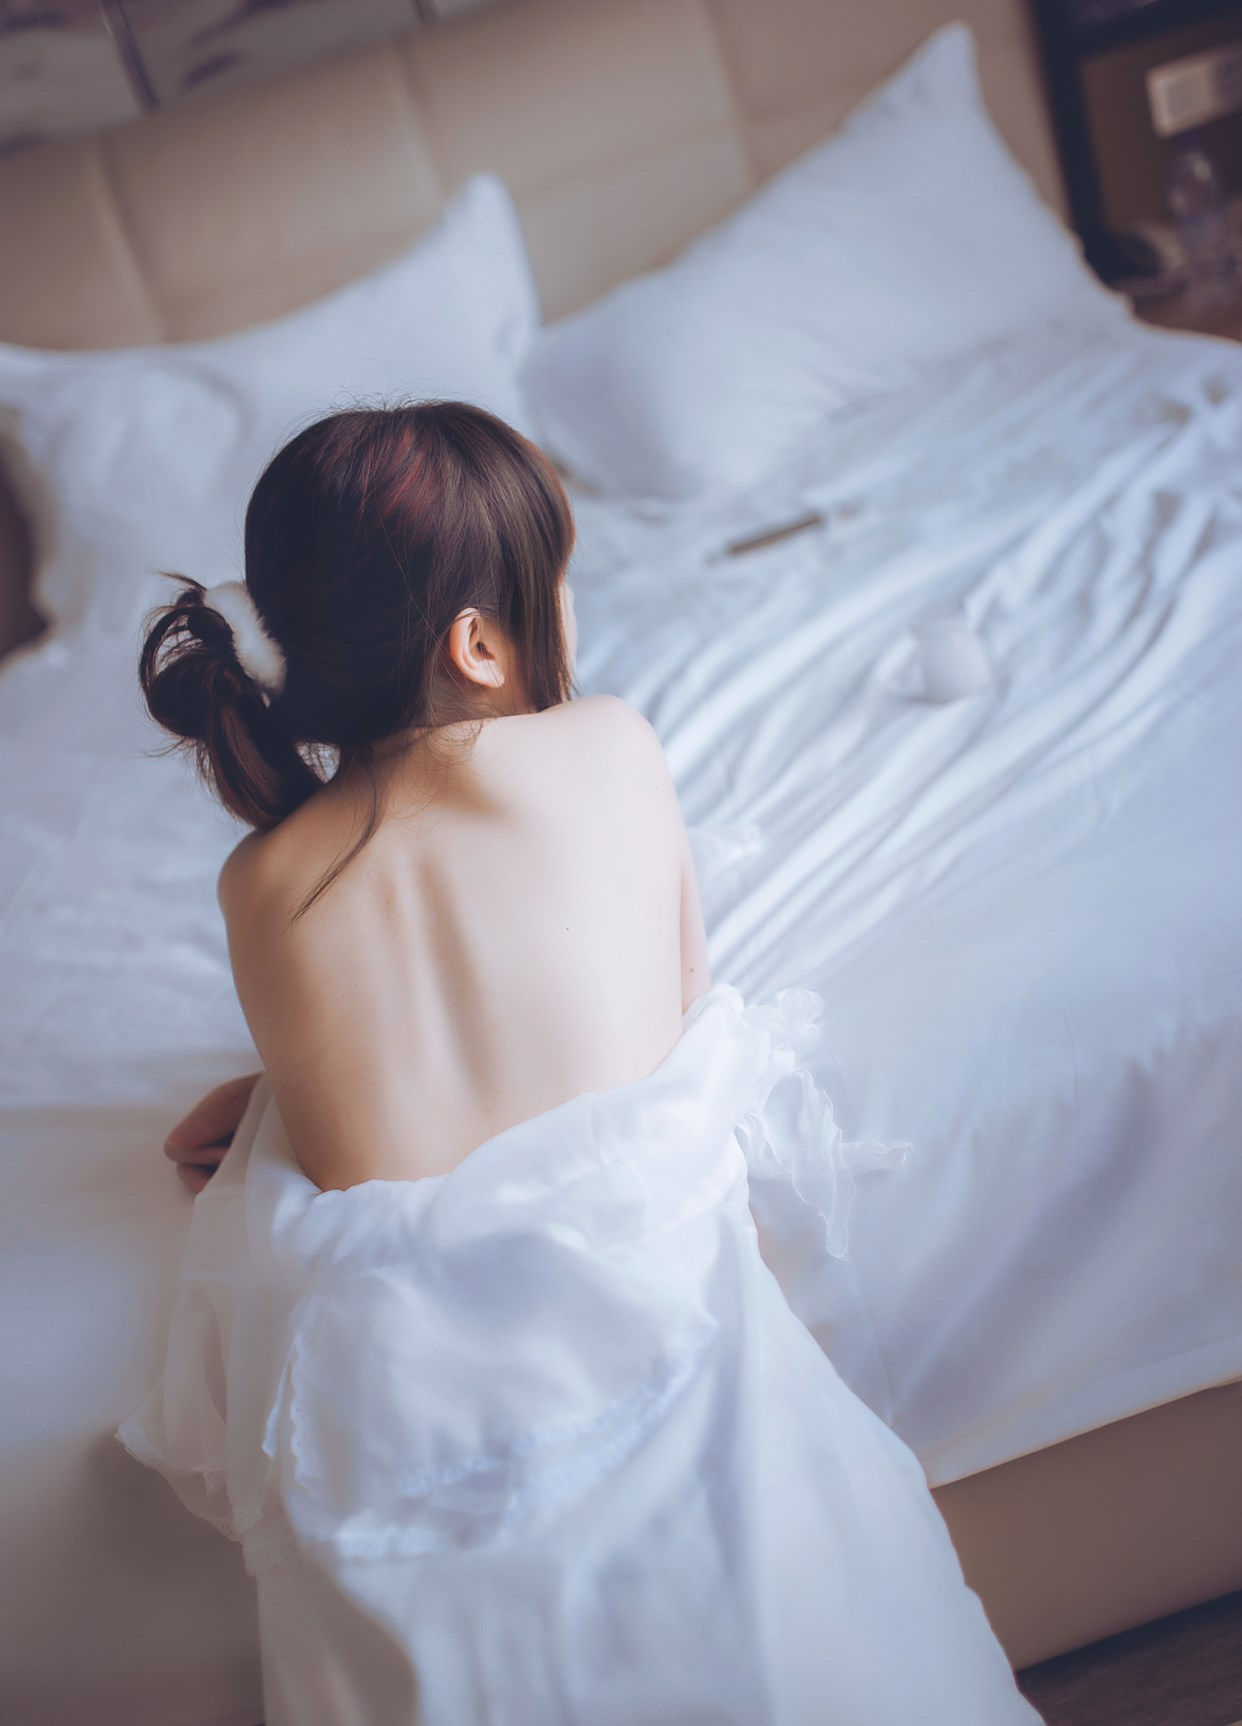 【兔玩映画】睡衣与浴室的水手服 兔玩映画 第5张